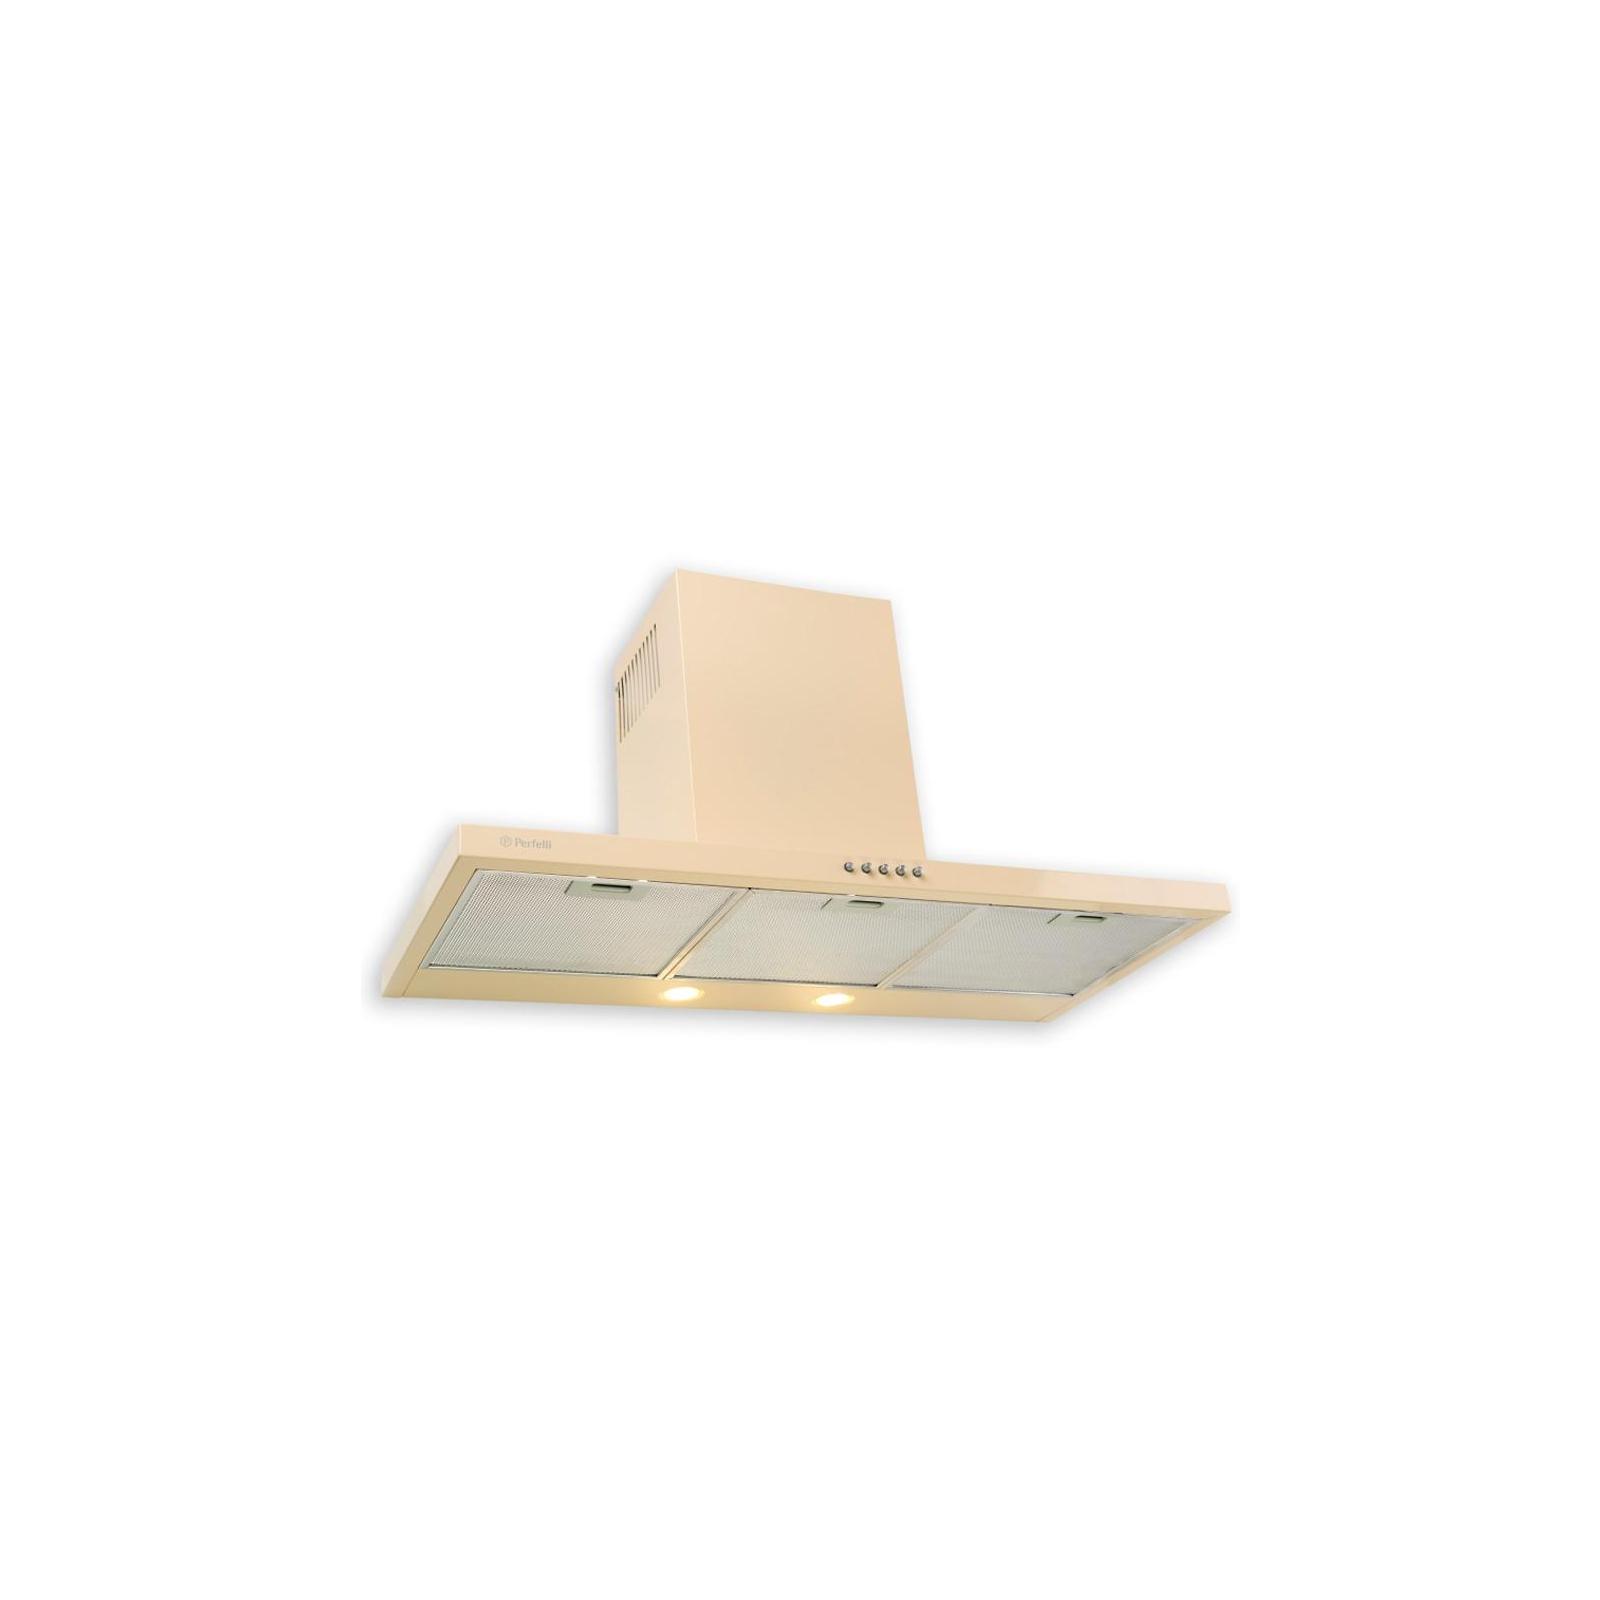 Вытяжка кухонная PERFELLI T 9612 A 1000 IV LED изображение 3